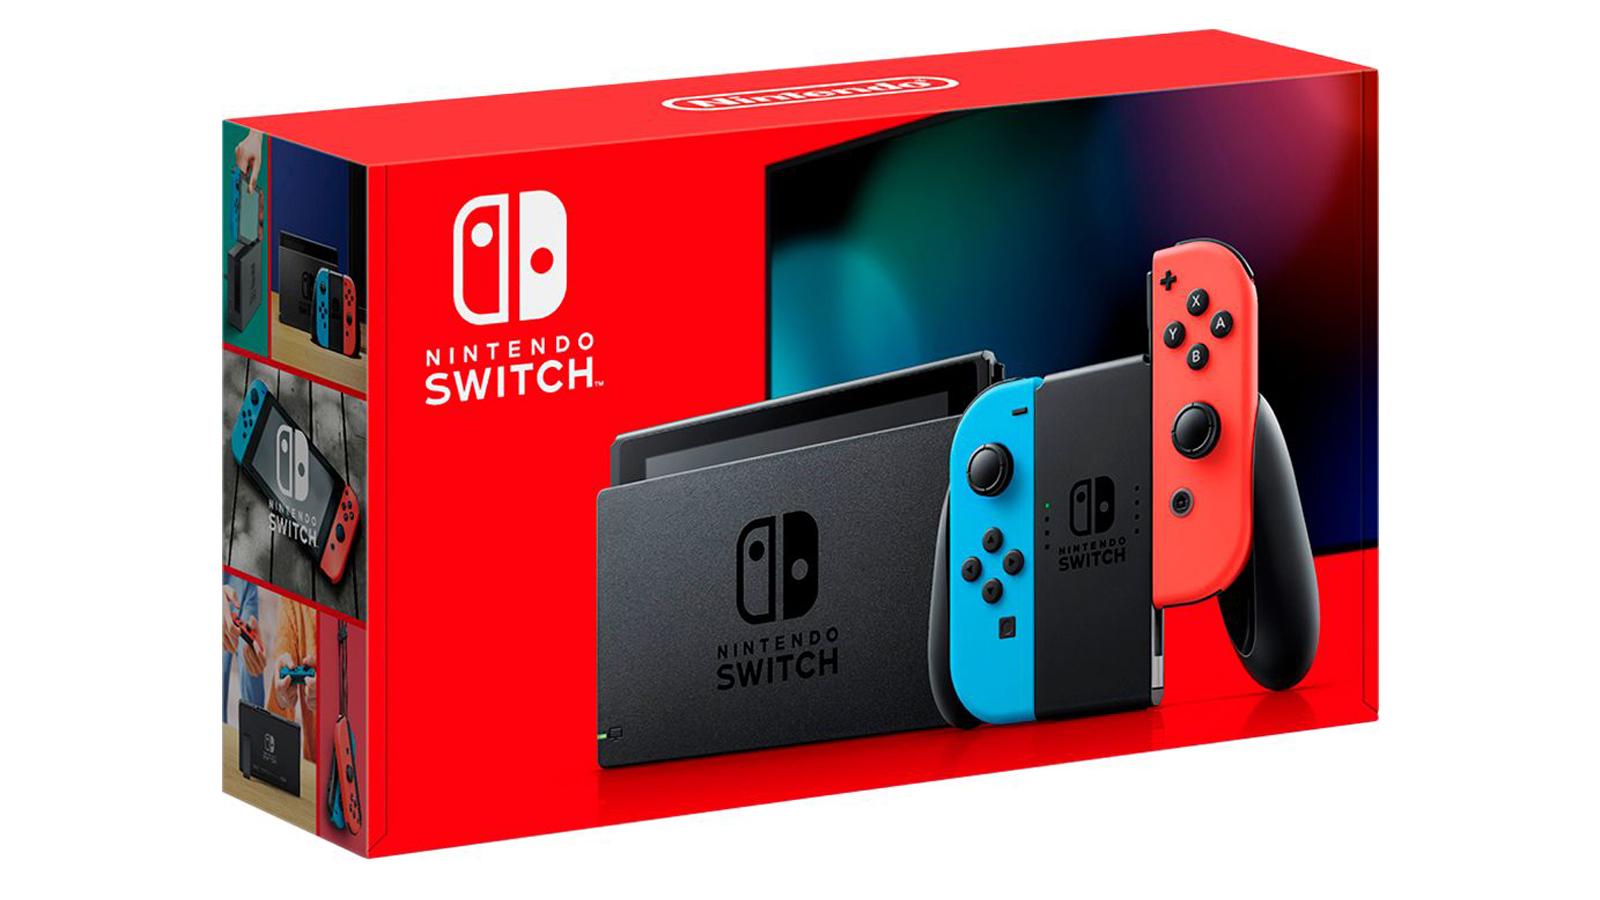 La Nintendo Switch 2019 passe à 285 euros au lieu de 300 pour le mois d'août